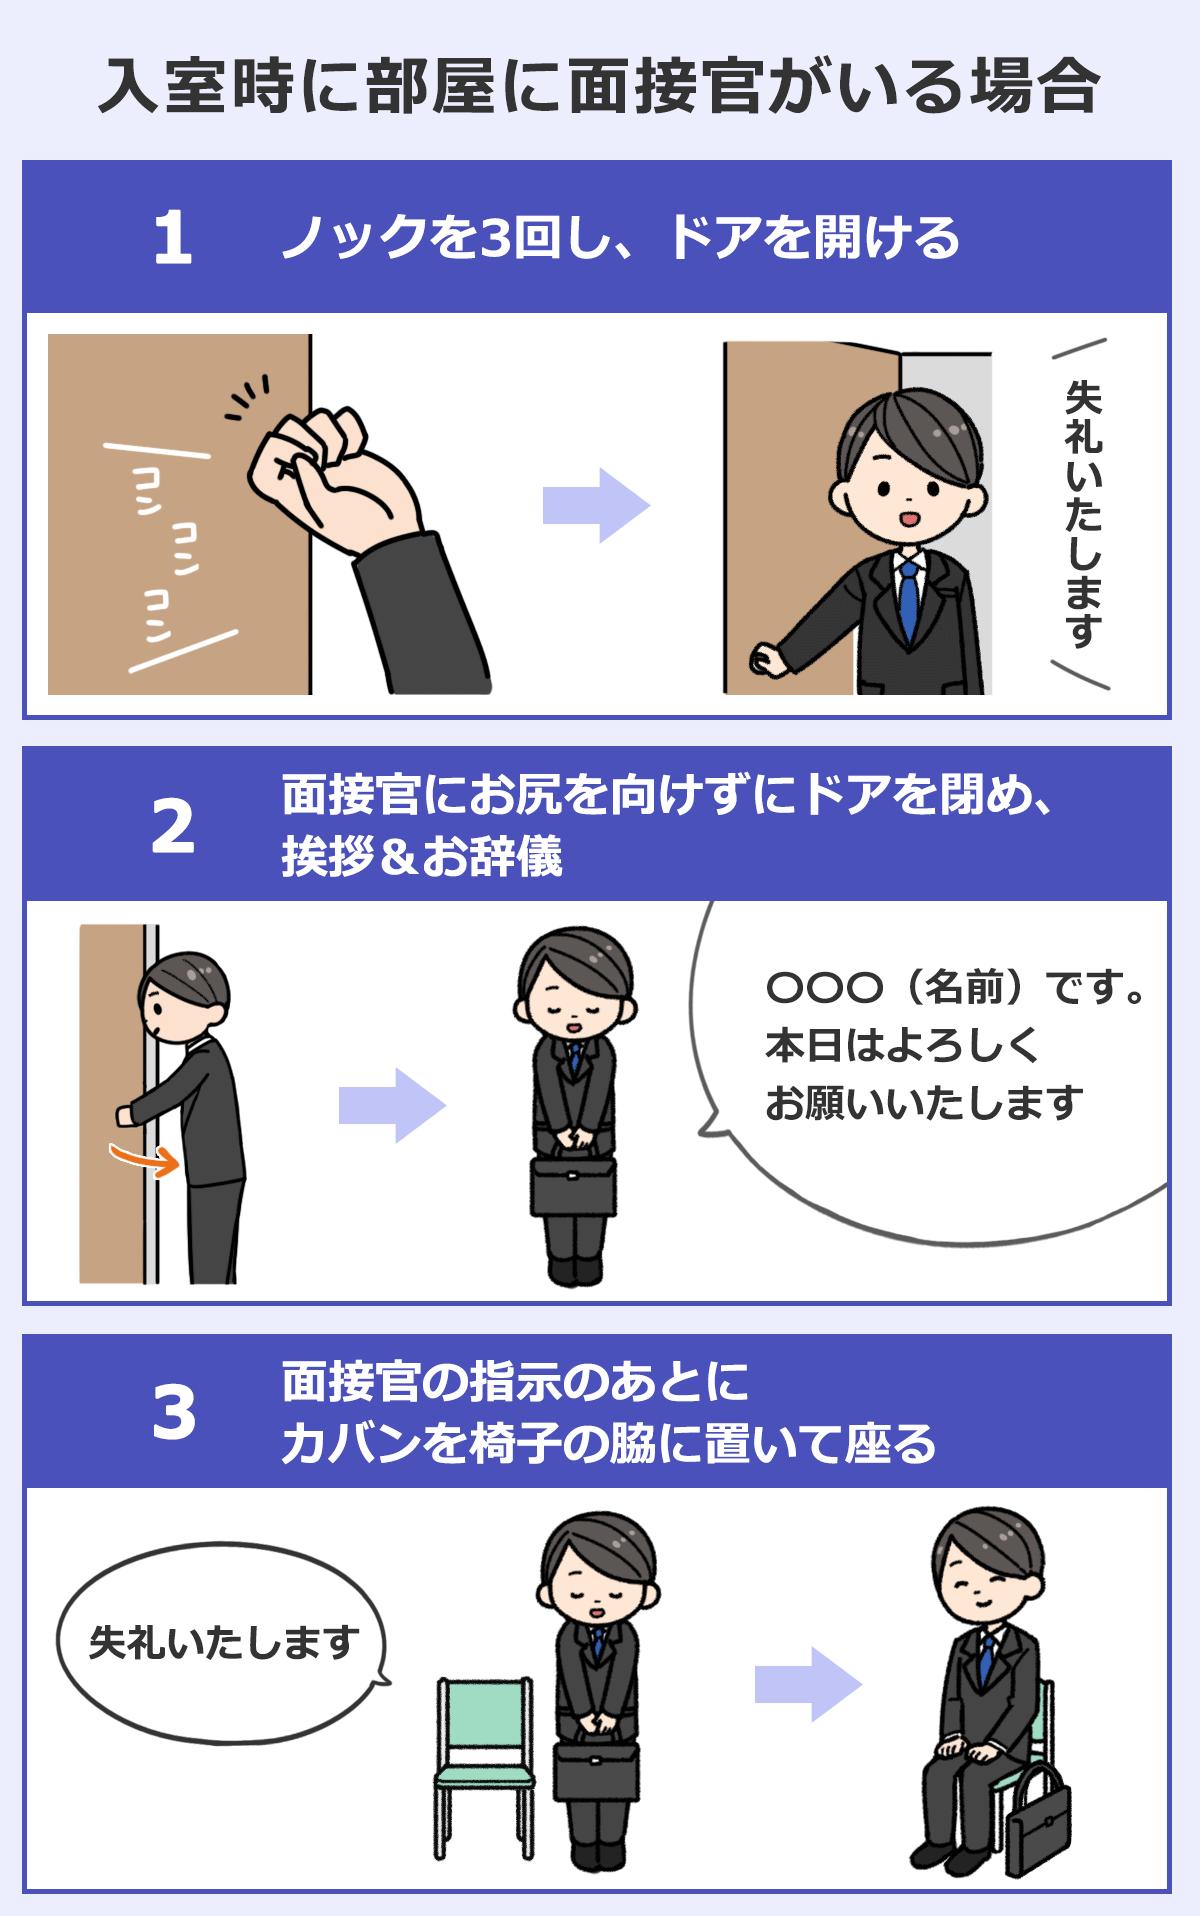 【入室時に部屋に面接官がいる場合】(1)ノックを3回し、ドアを開ける。(2)面接官にお尻を向けずにドアを閉め、挨拶&お辞儀(3)面接官の指示の後にカバンを椅子の脇に置いて座る